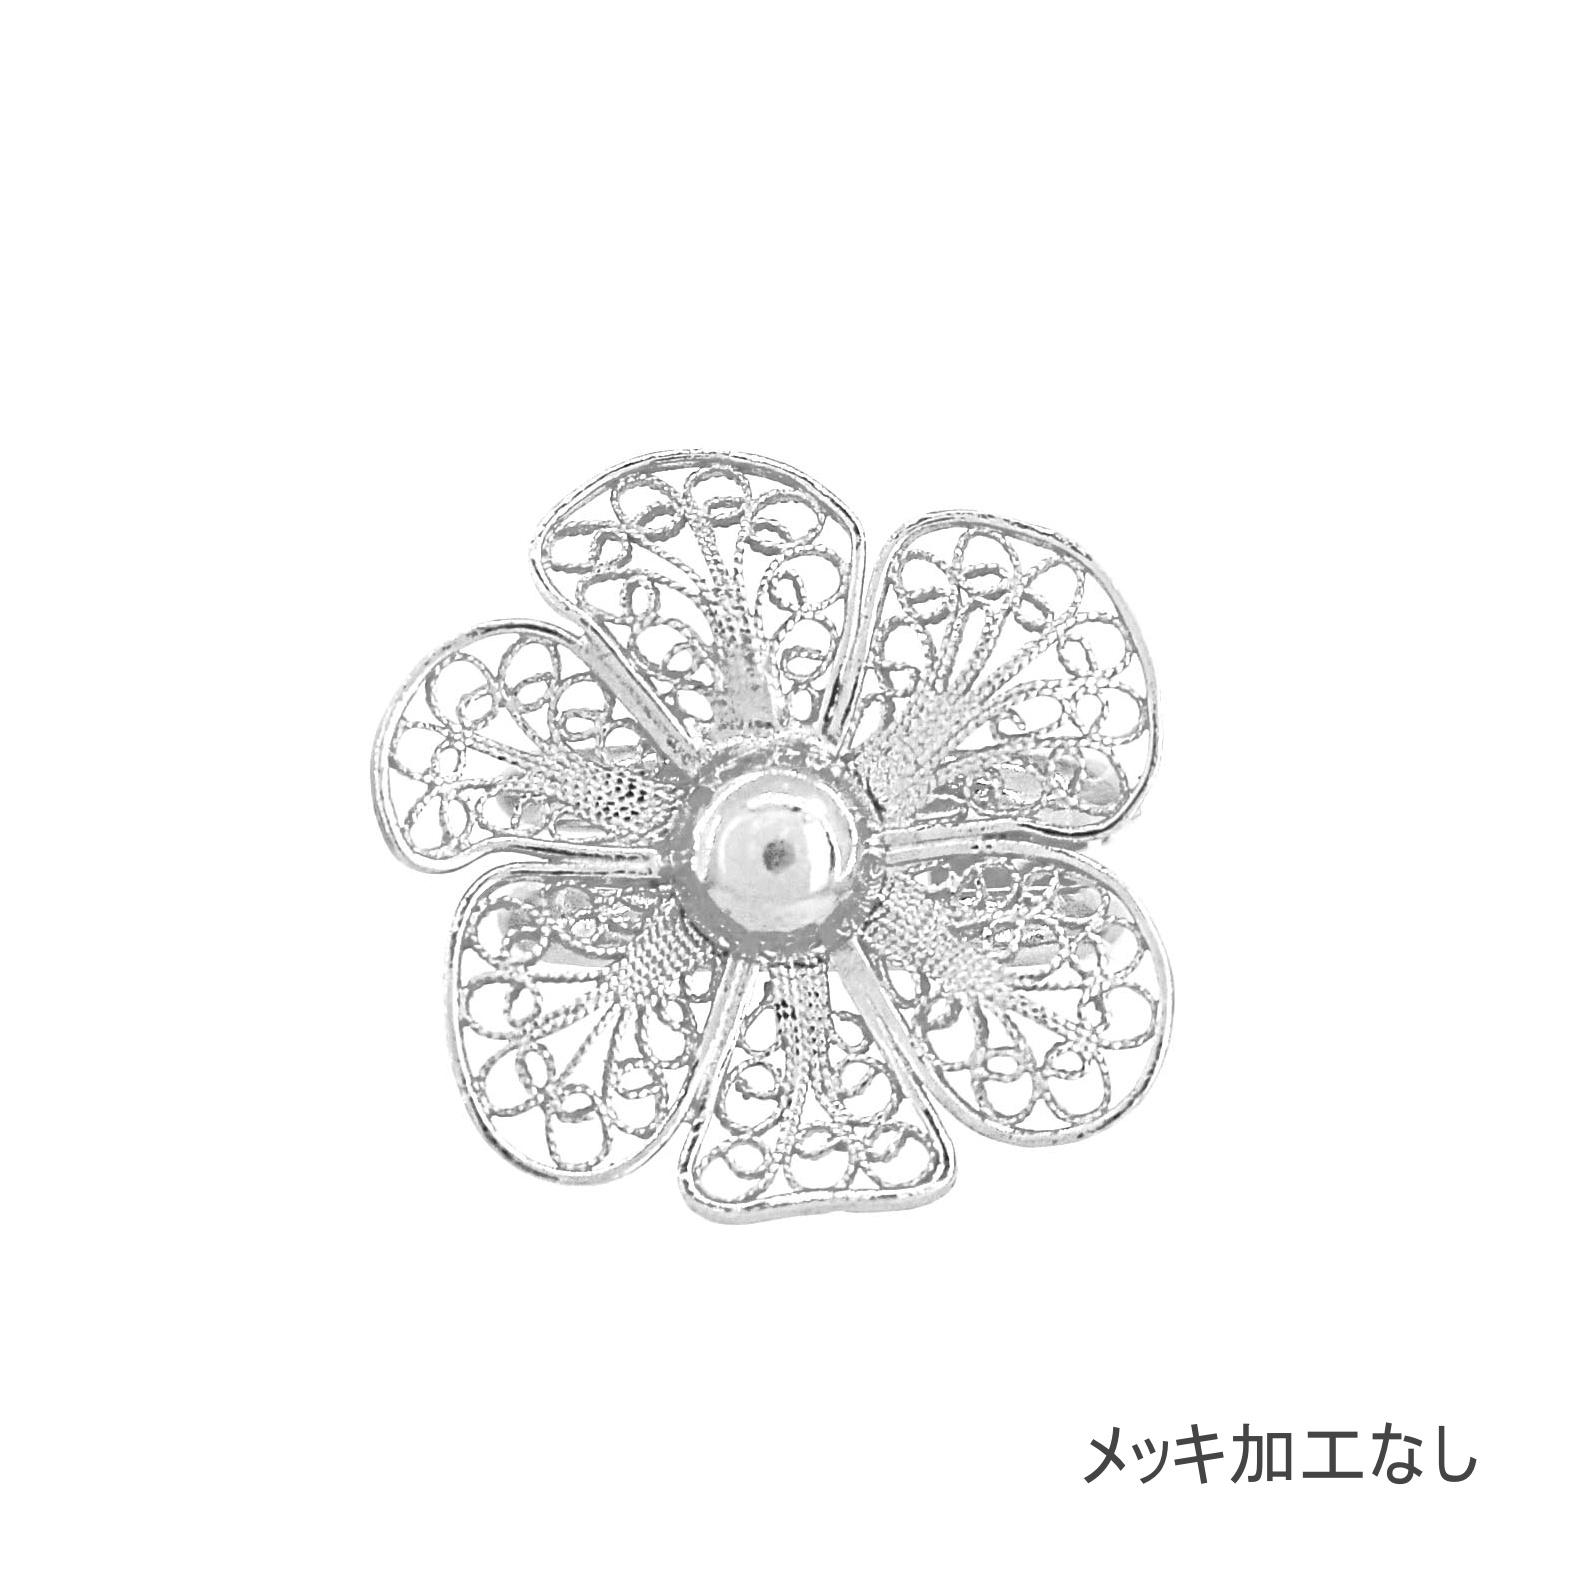 NANA フローラルリング/シルバー/銀線細工